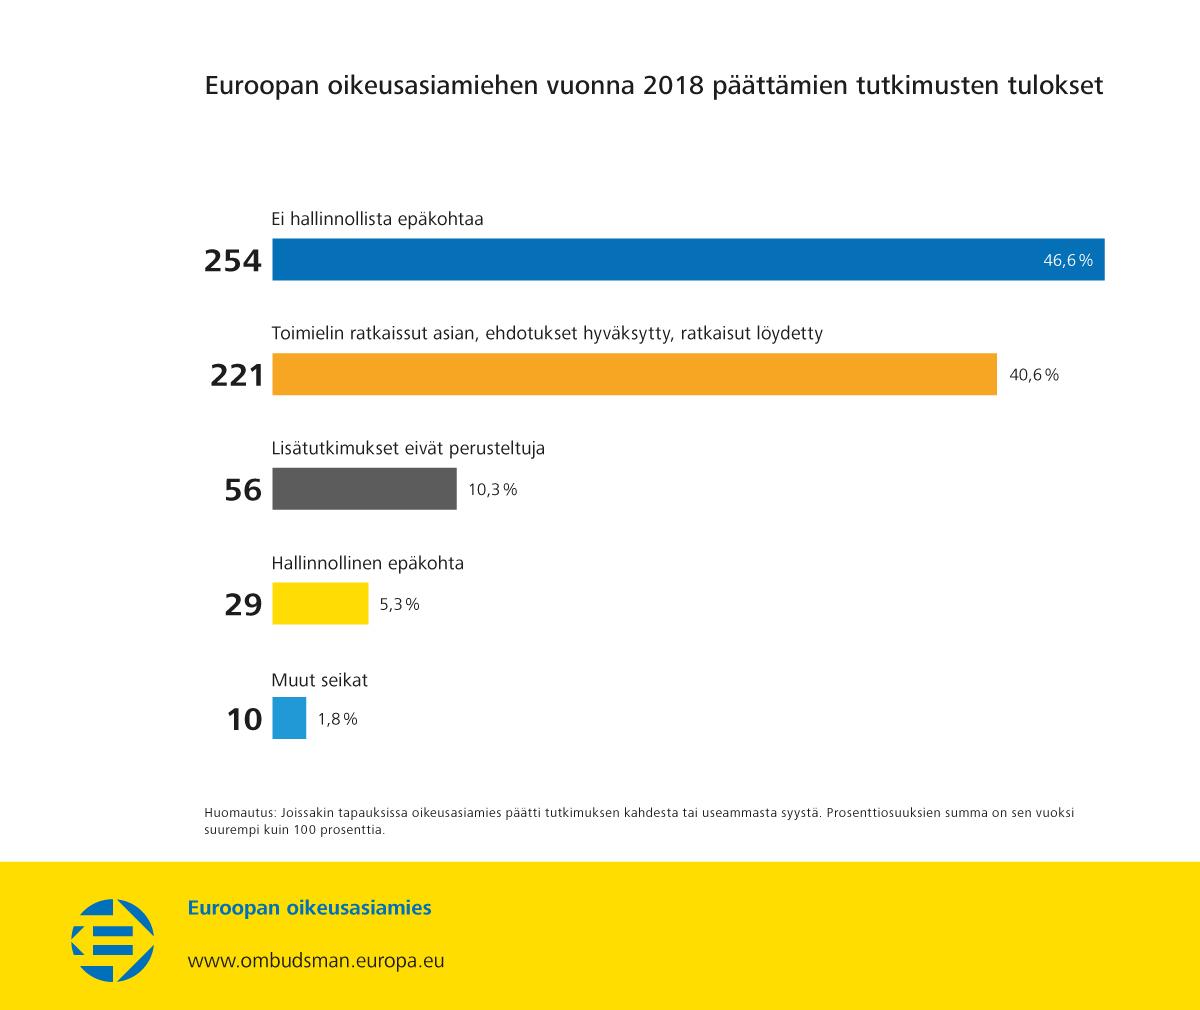 Euroopan oikeusasiamiehen vuonna 2018 päättämien tutkimusten tulokset